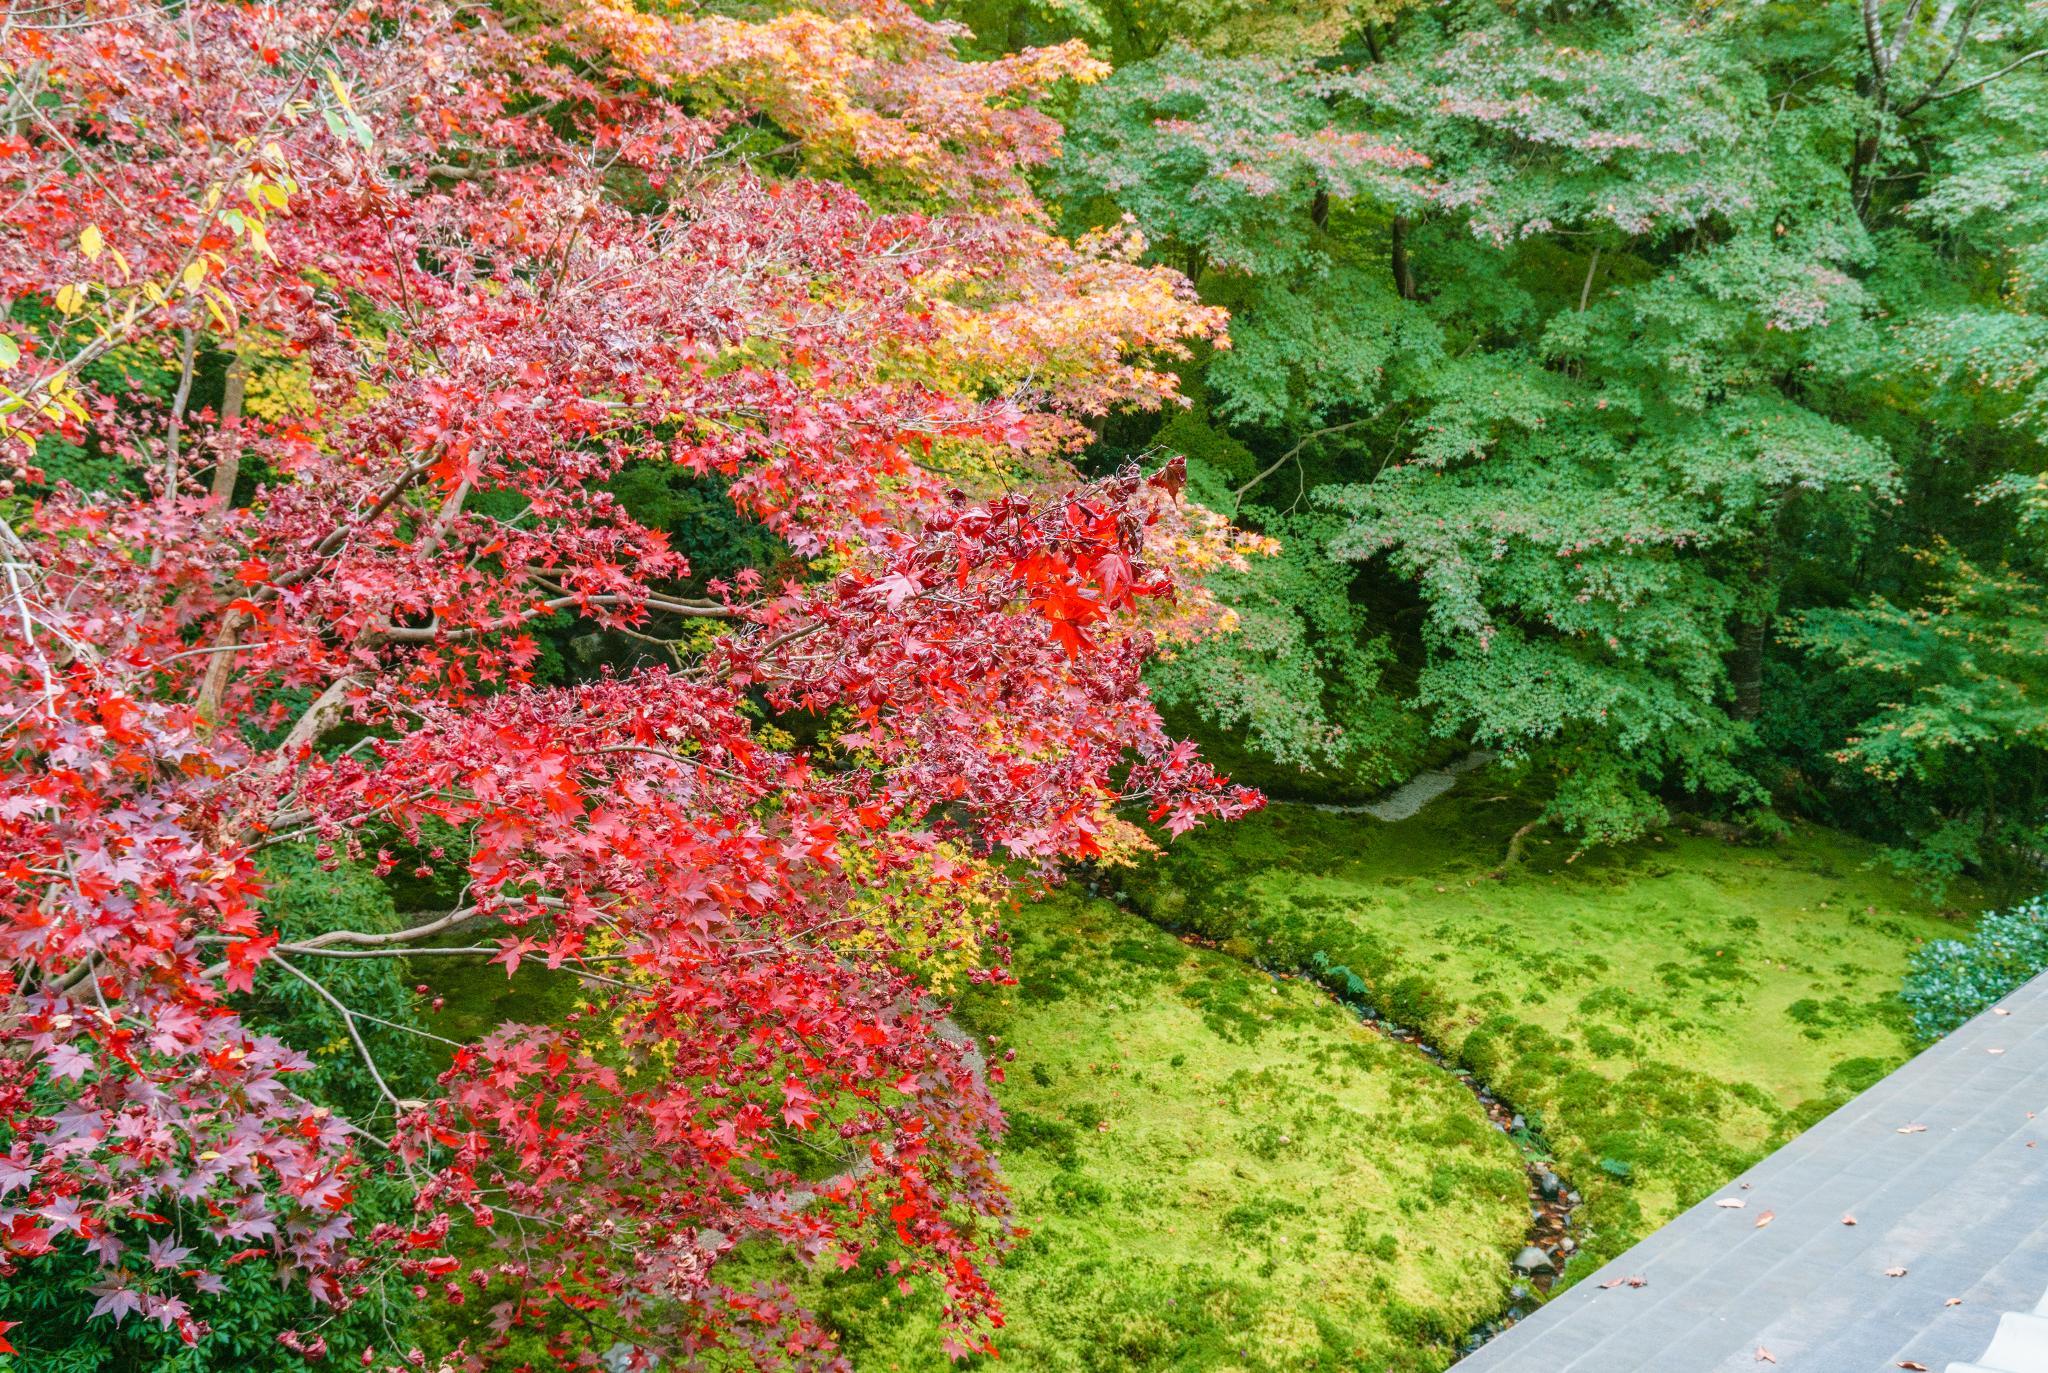 【京都】如夢似幻的琉璃光影 - 八瀨琉璃光院 93